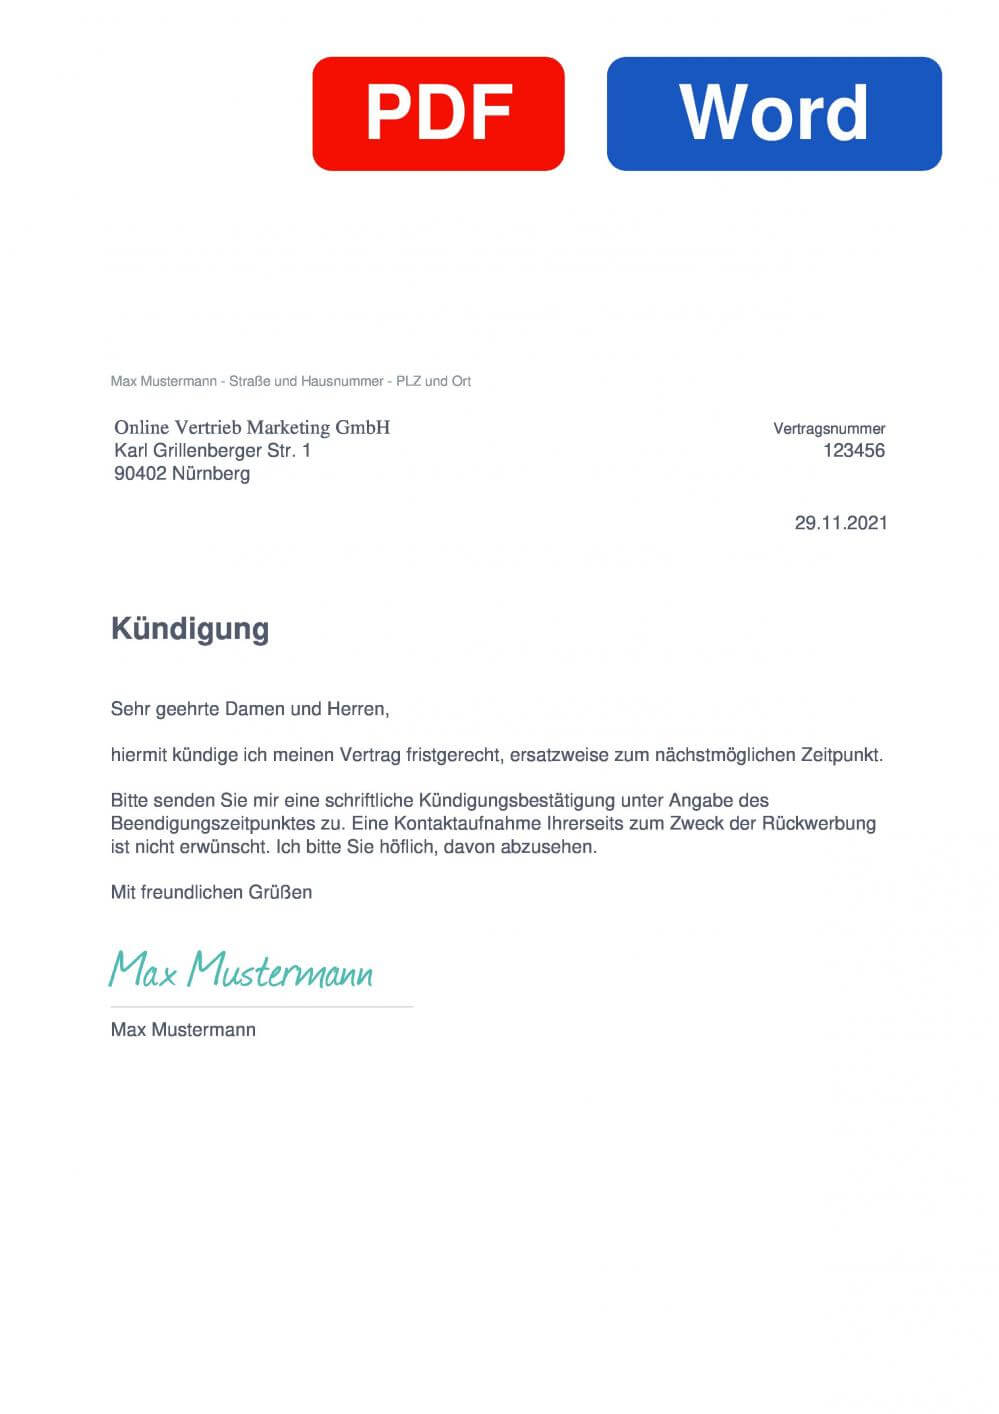 Online Vertrieb Marketing GmbH Muster Vorlage für Kündigungsschreiben